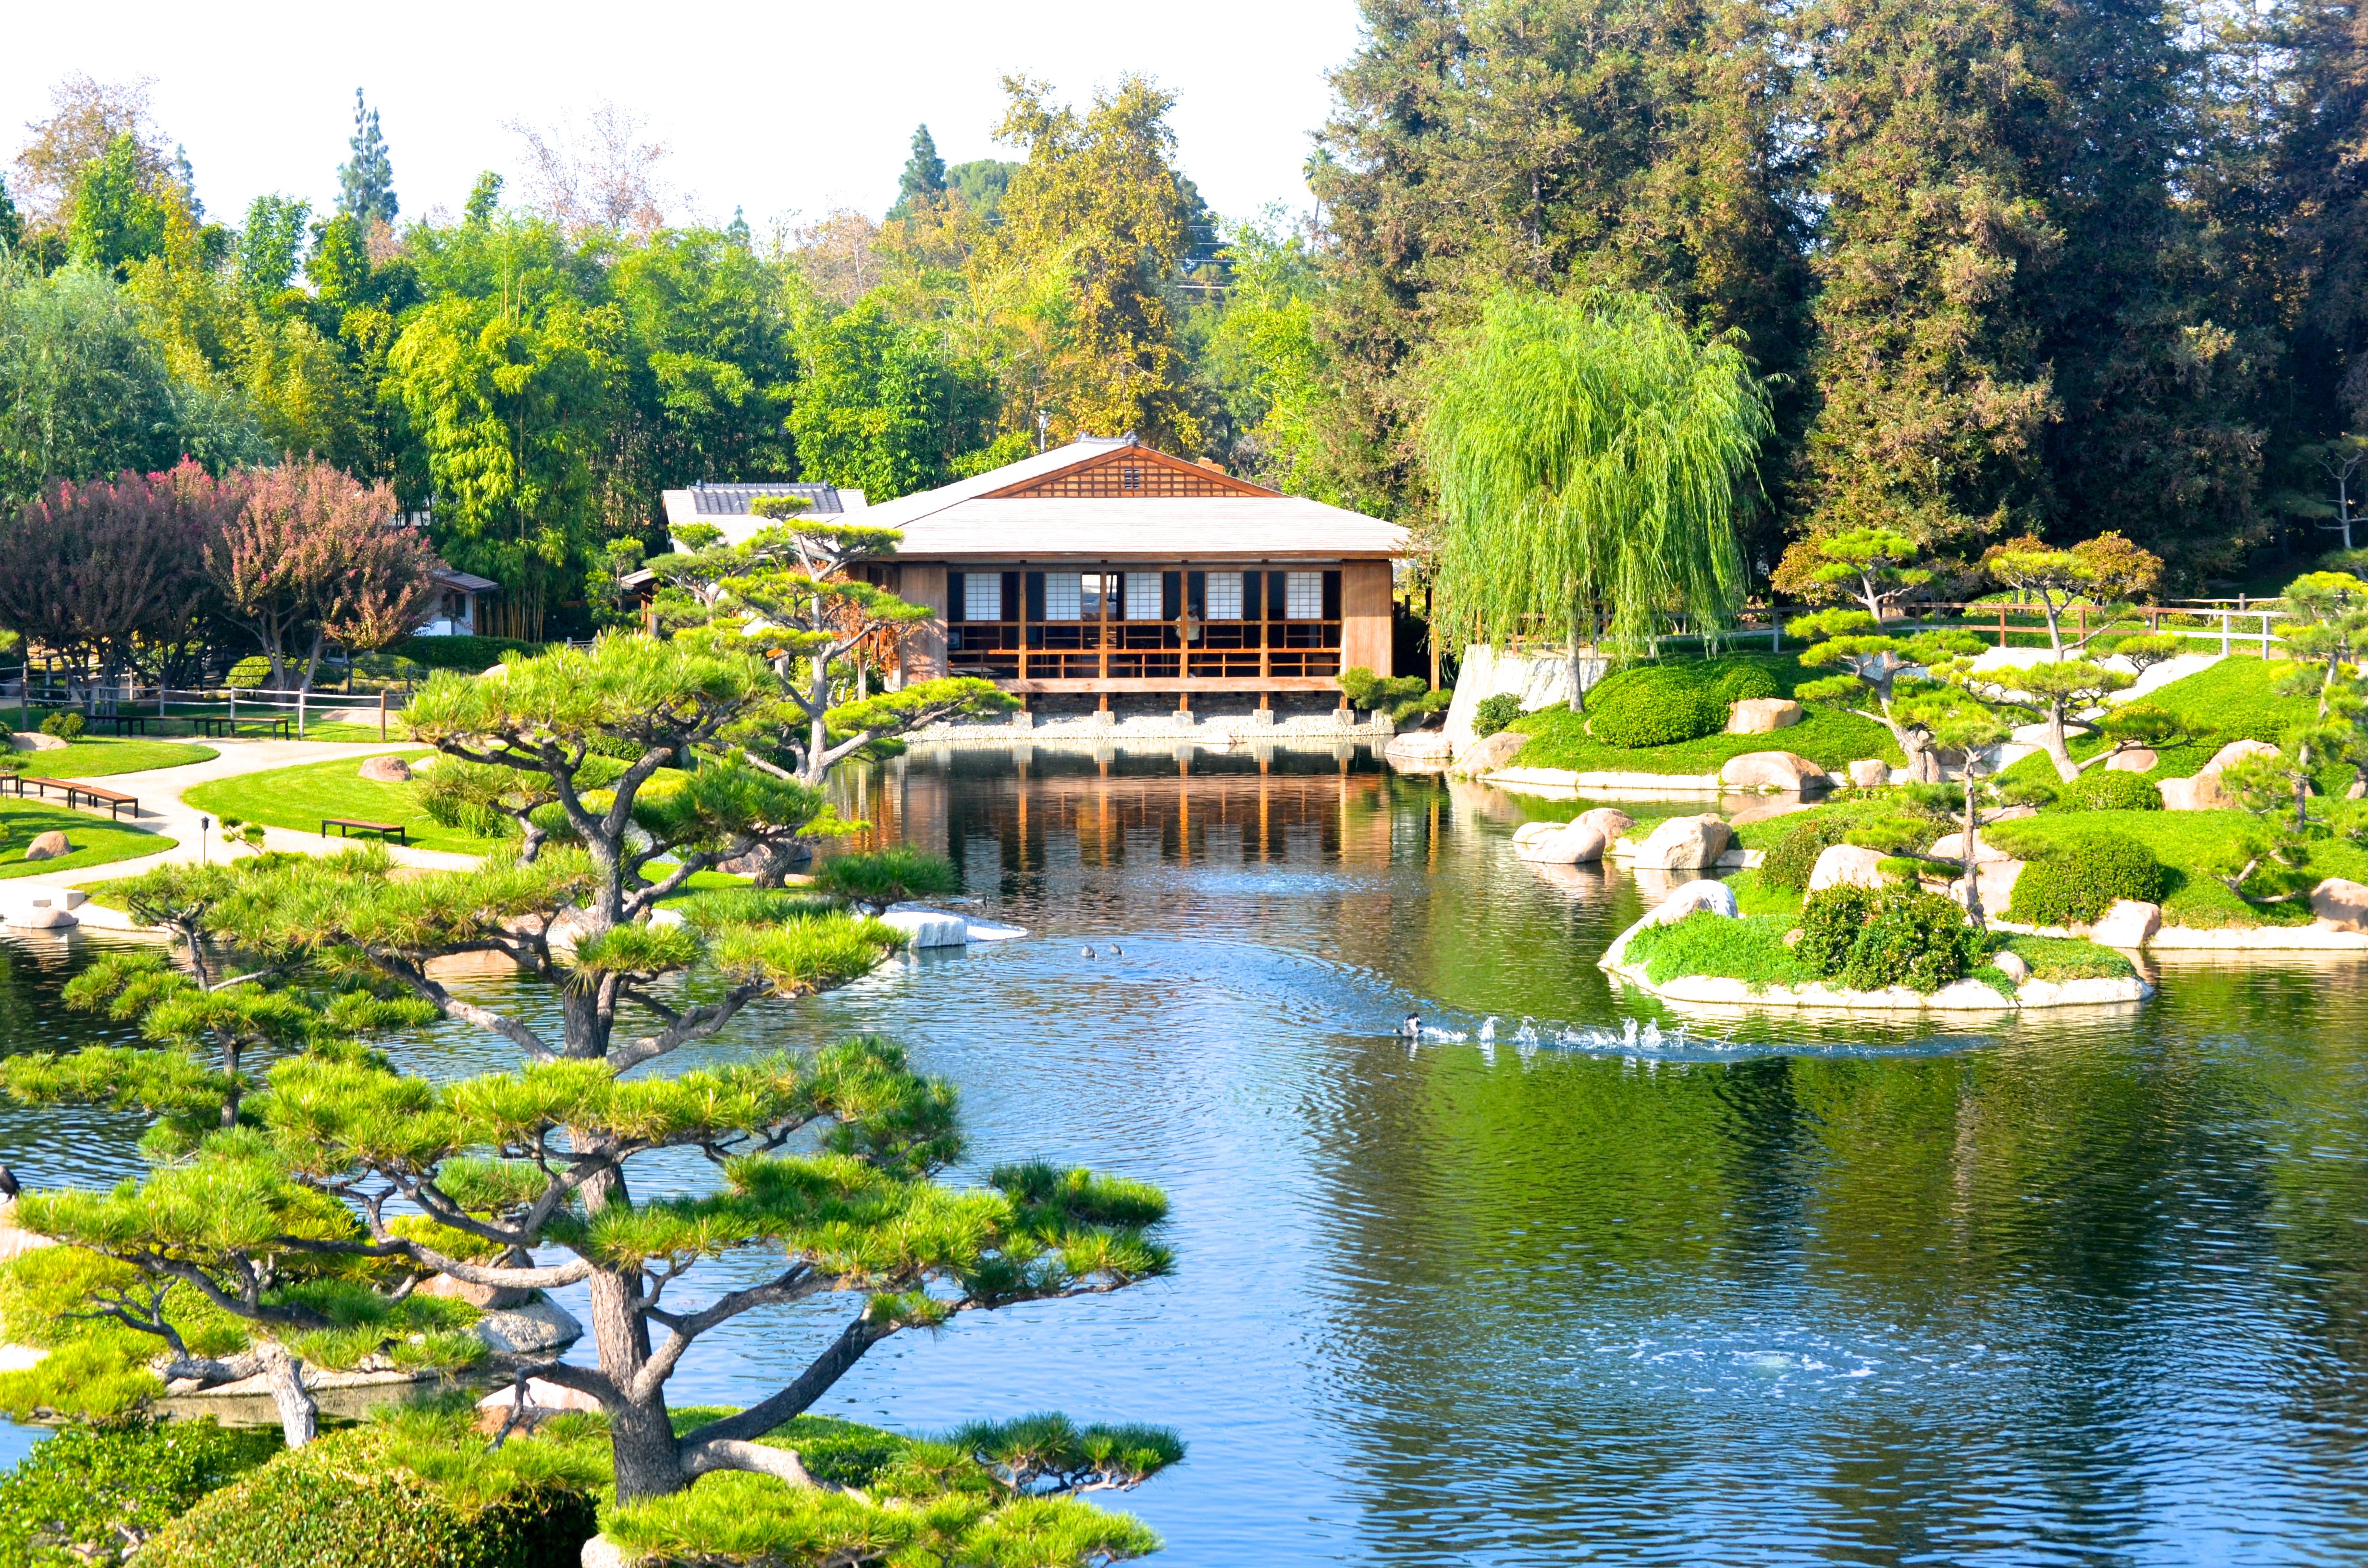 discover lake balboa the japanese garden suiho en 39